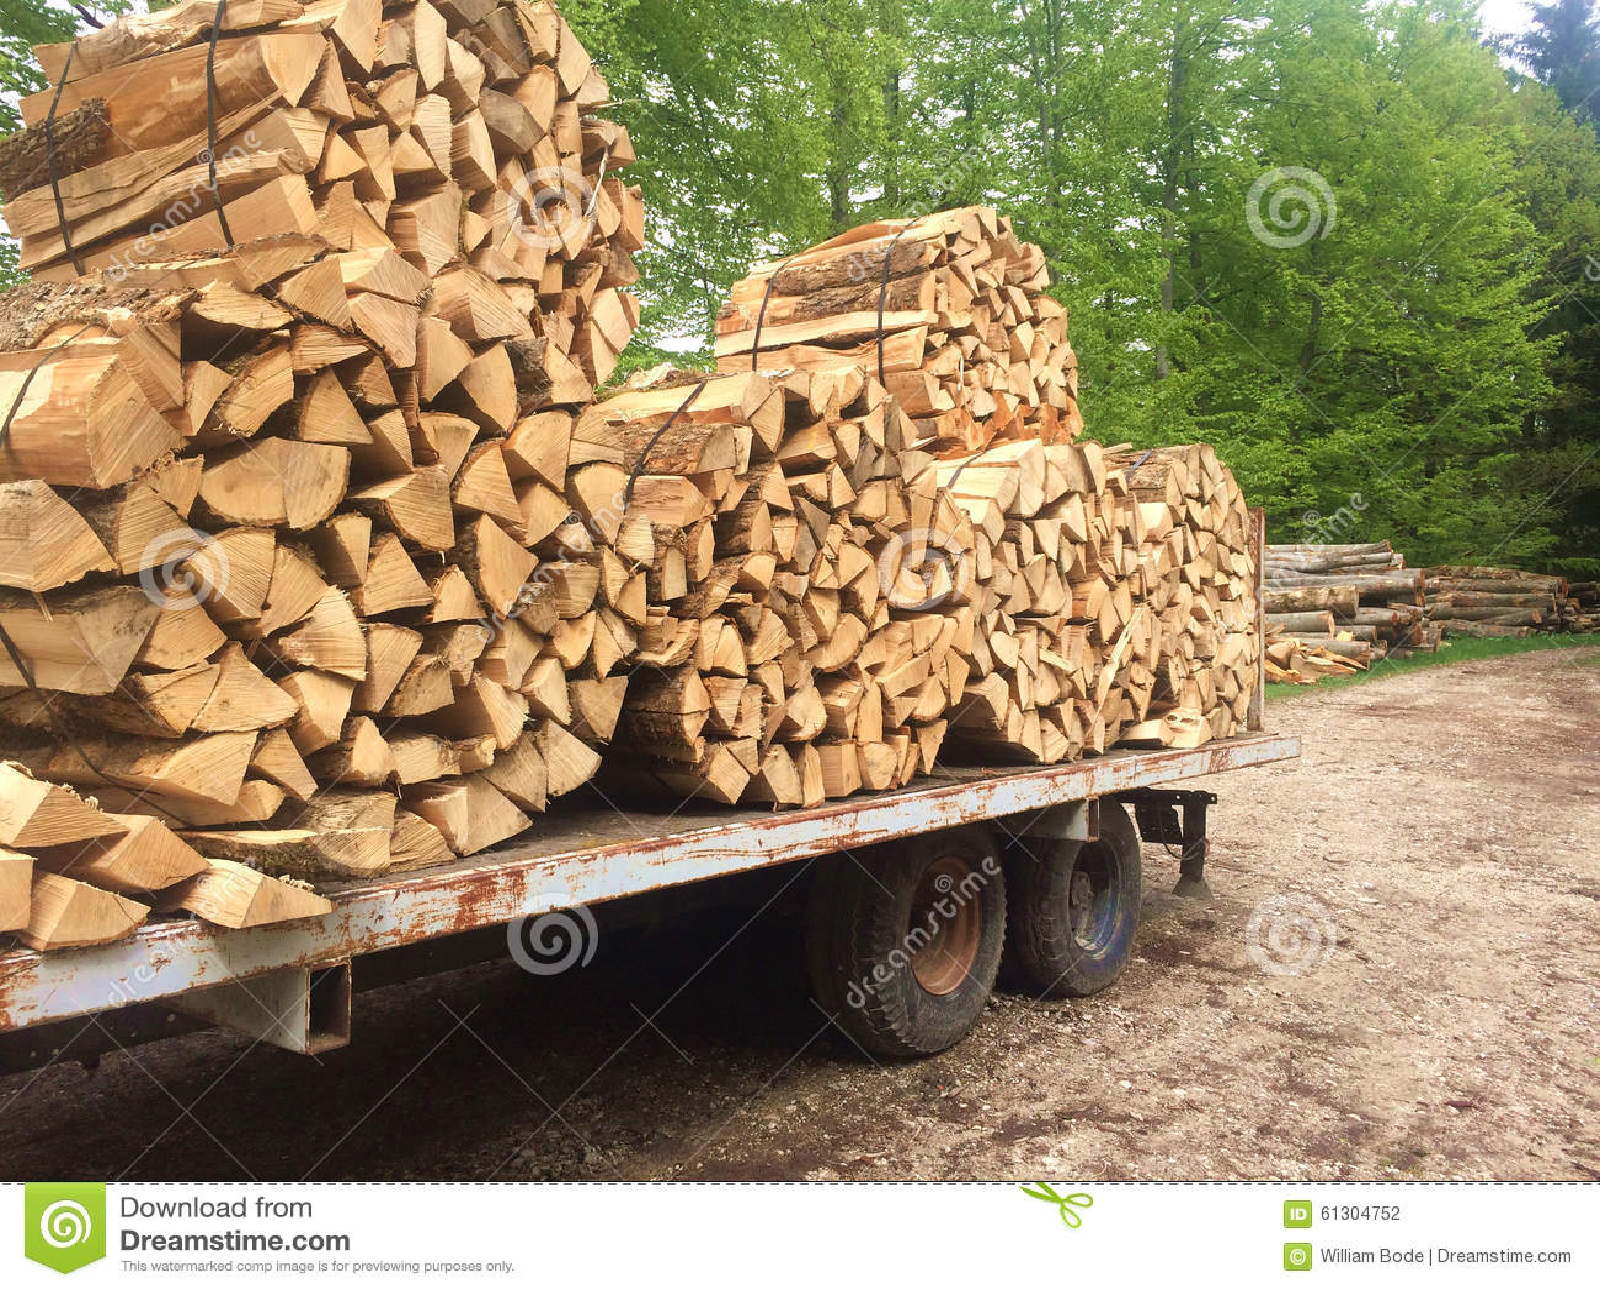 Split wood loaded